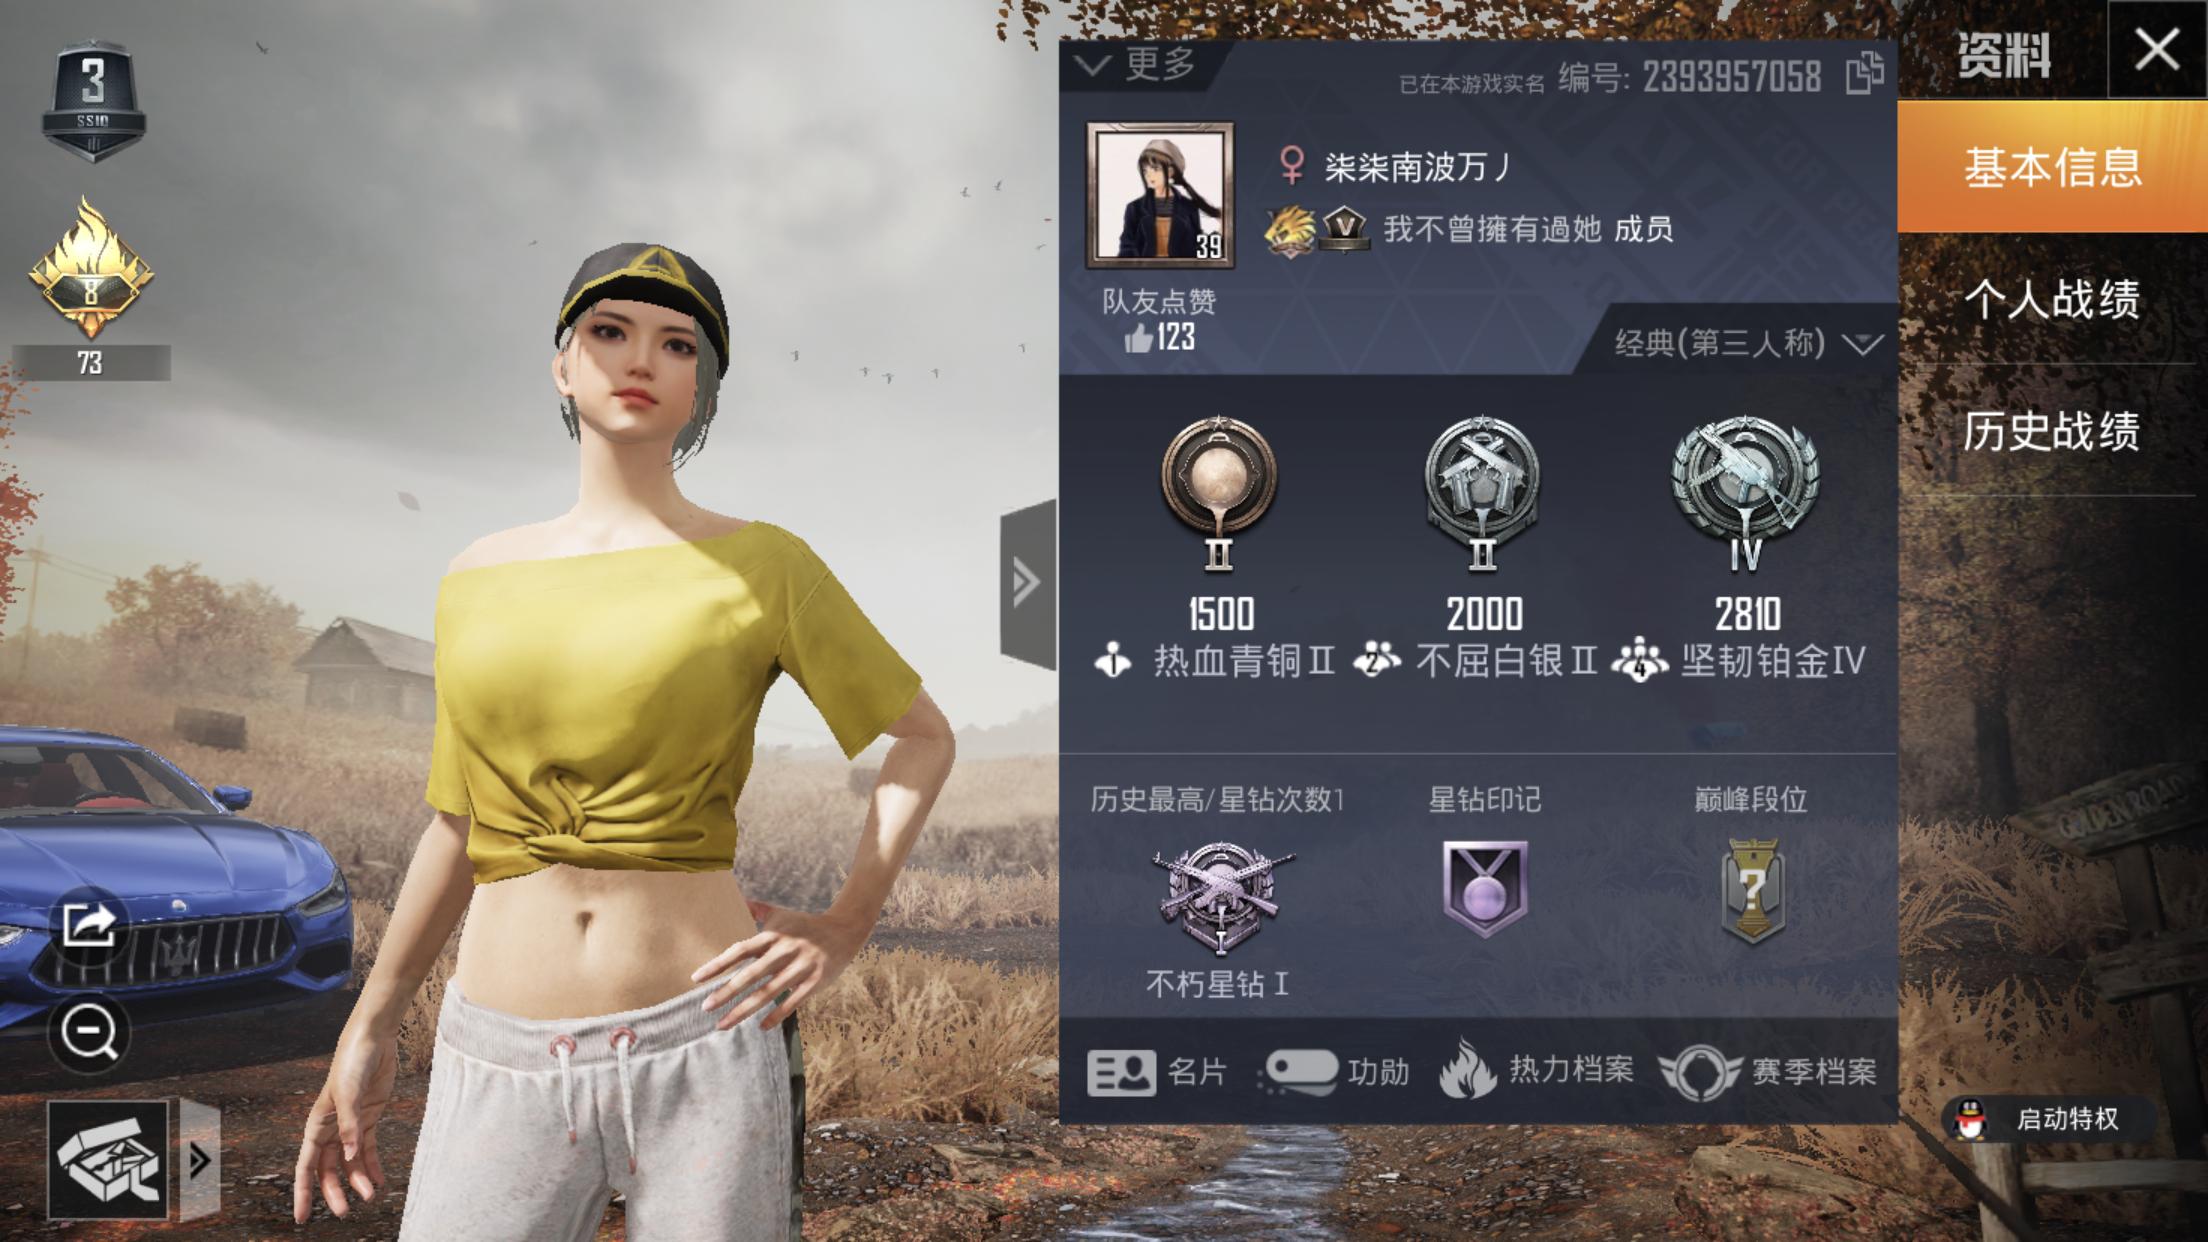 【苹果QQ】9套装-4枪皮   【蓝色玛莎拉蒂】吃鸡开黑把妹必备